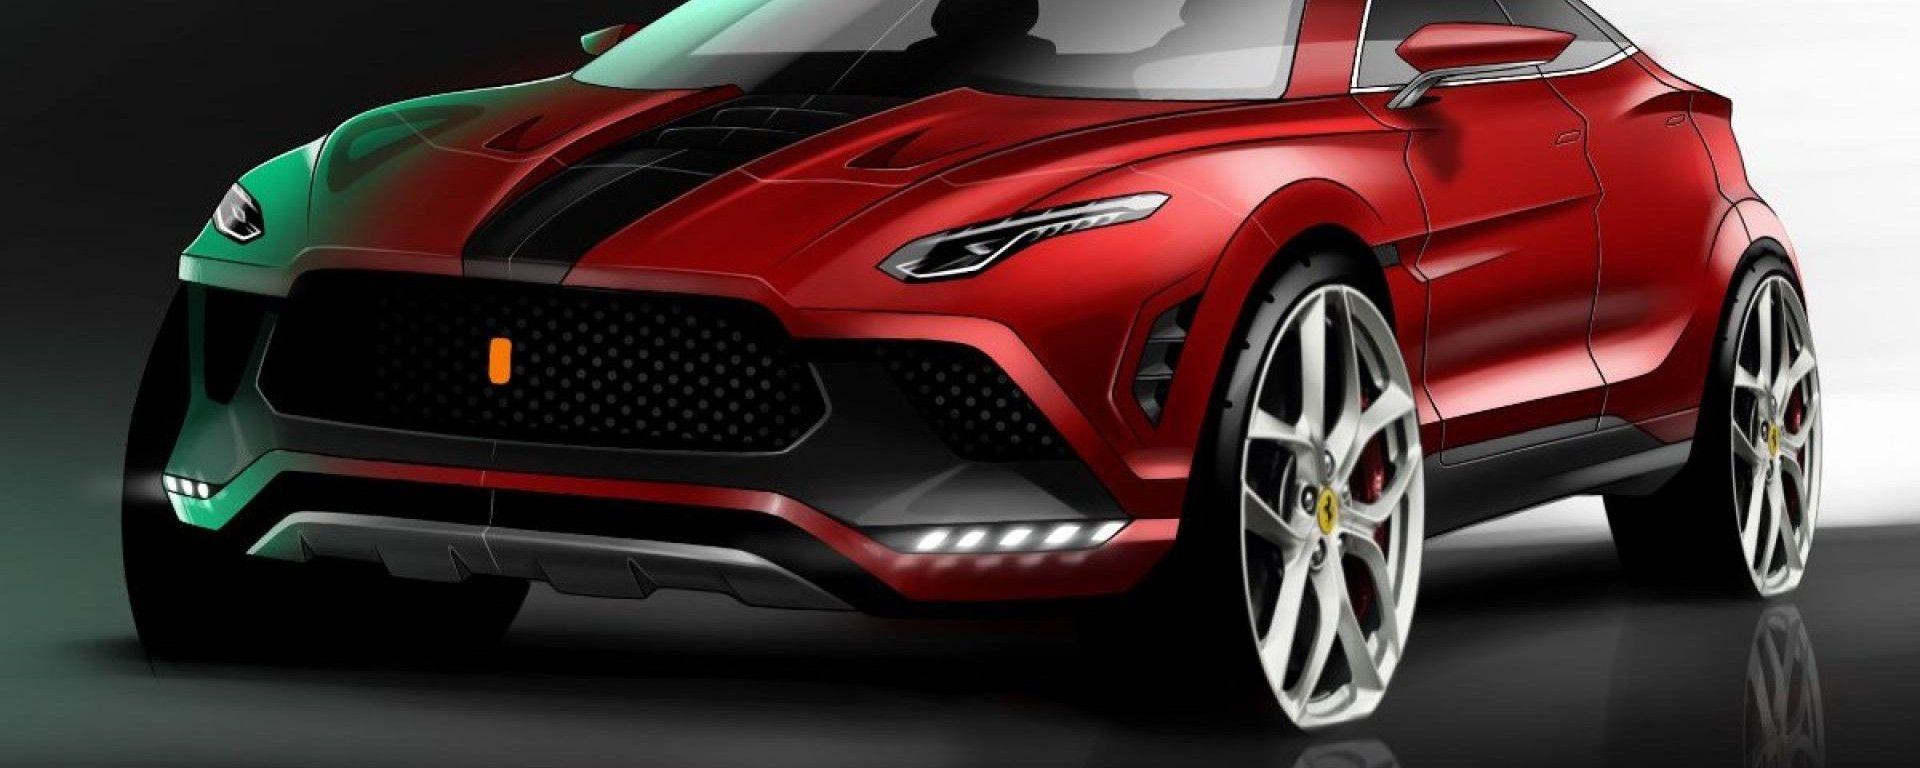 Nuovo SUV Ferrari Purosangue: uno dei primi disegni del SUV Ferrari